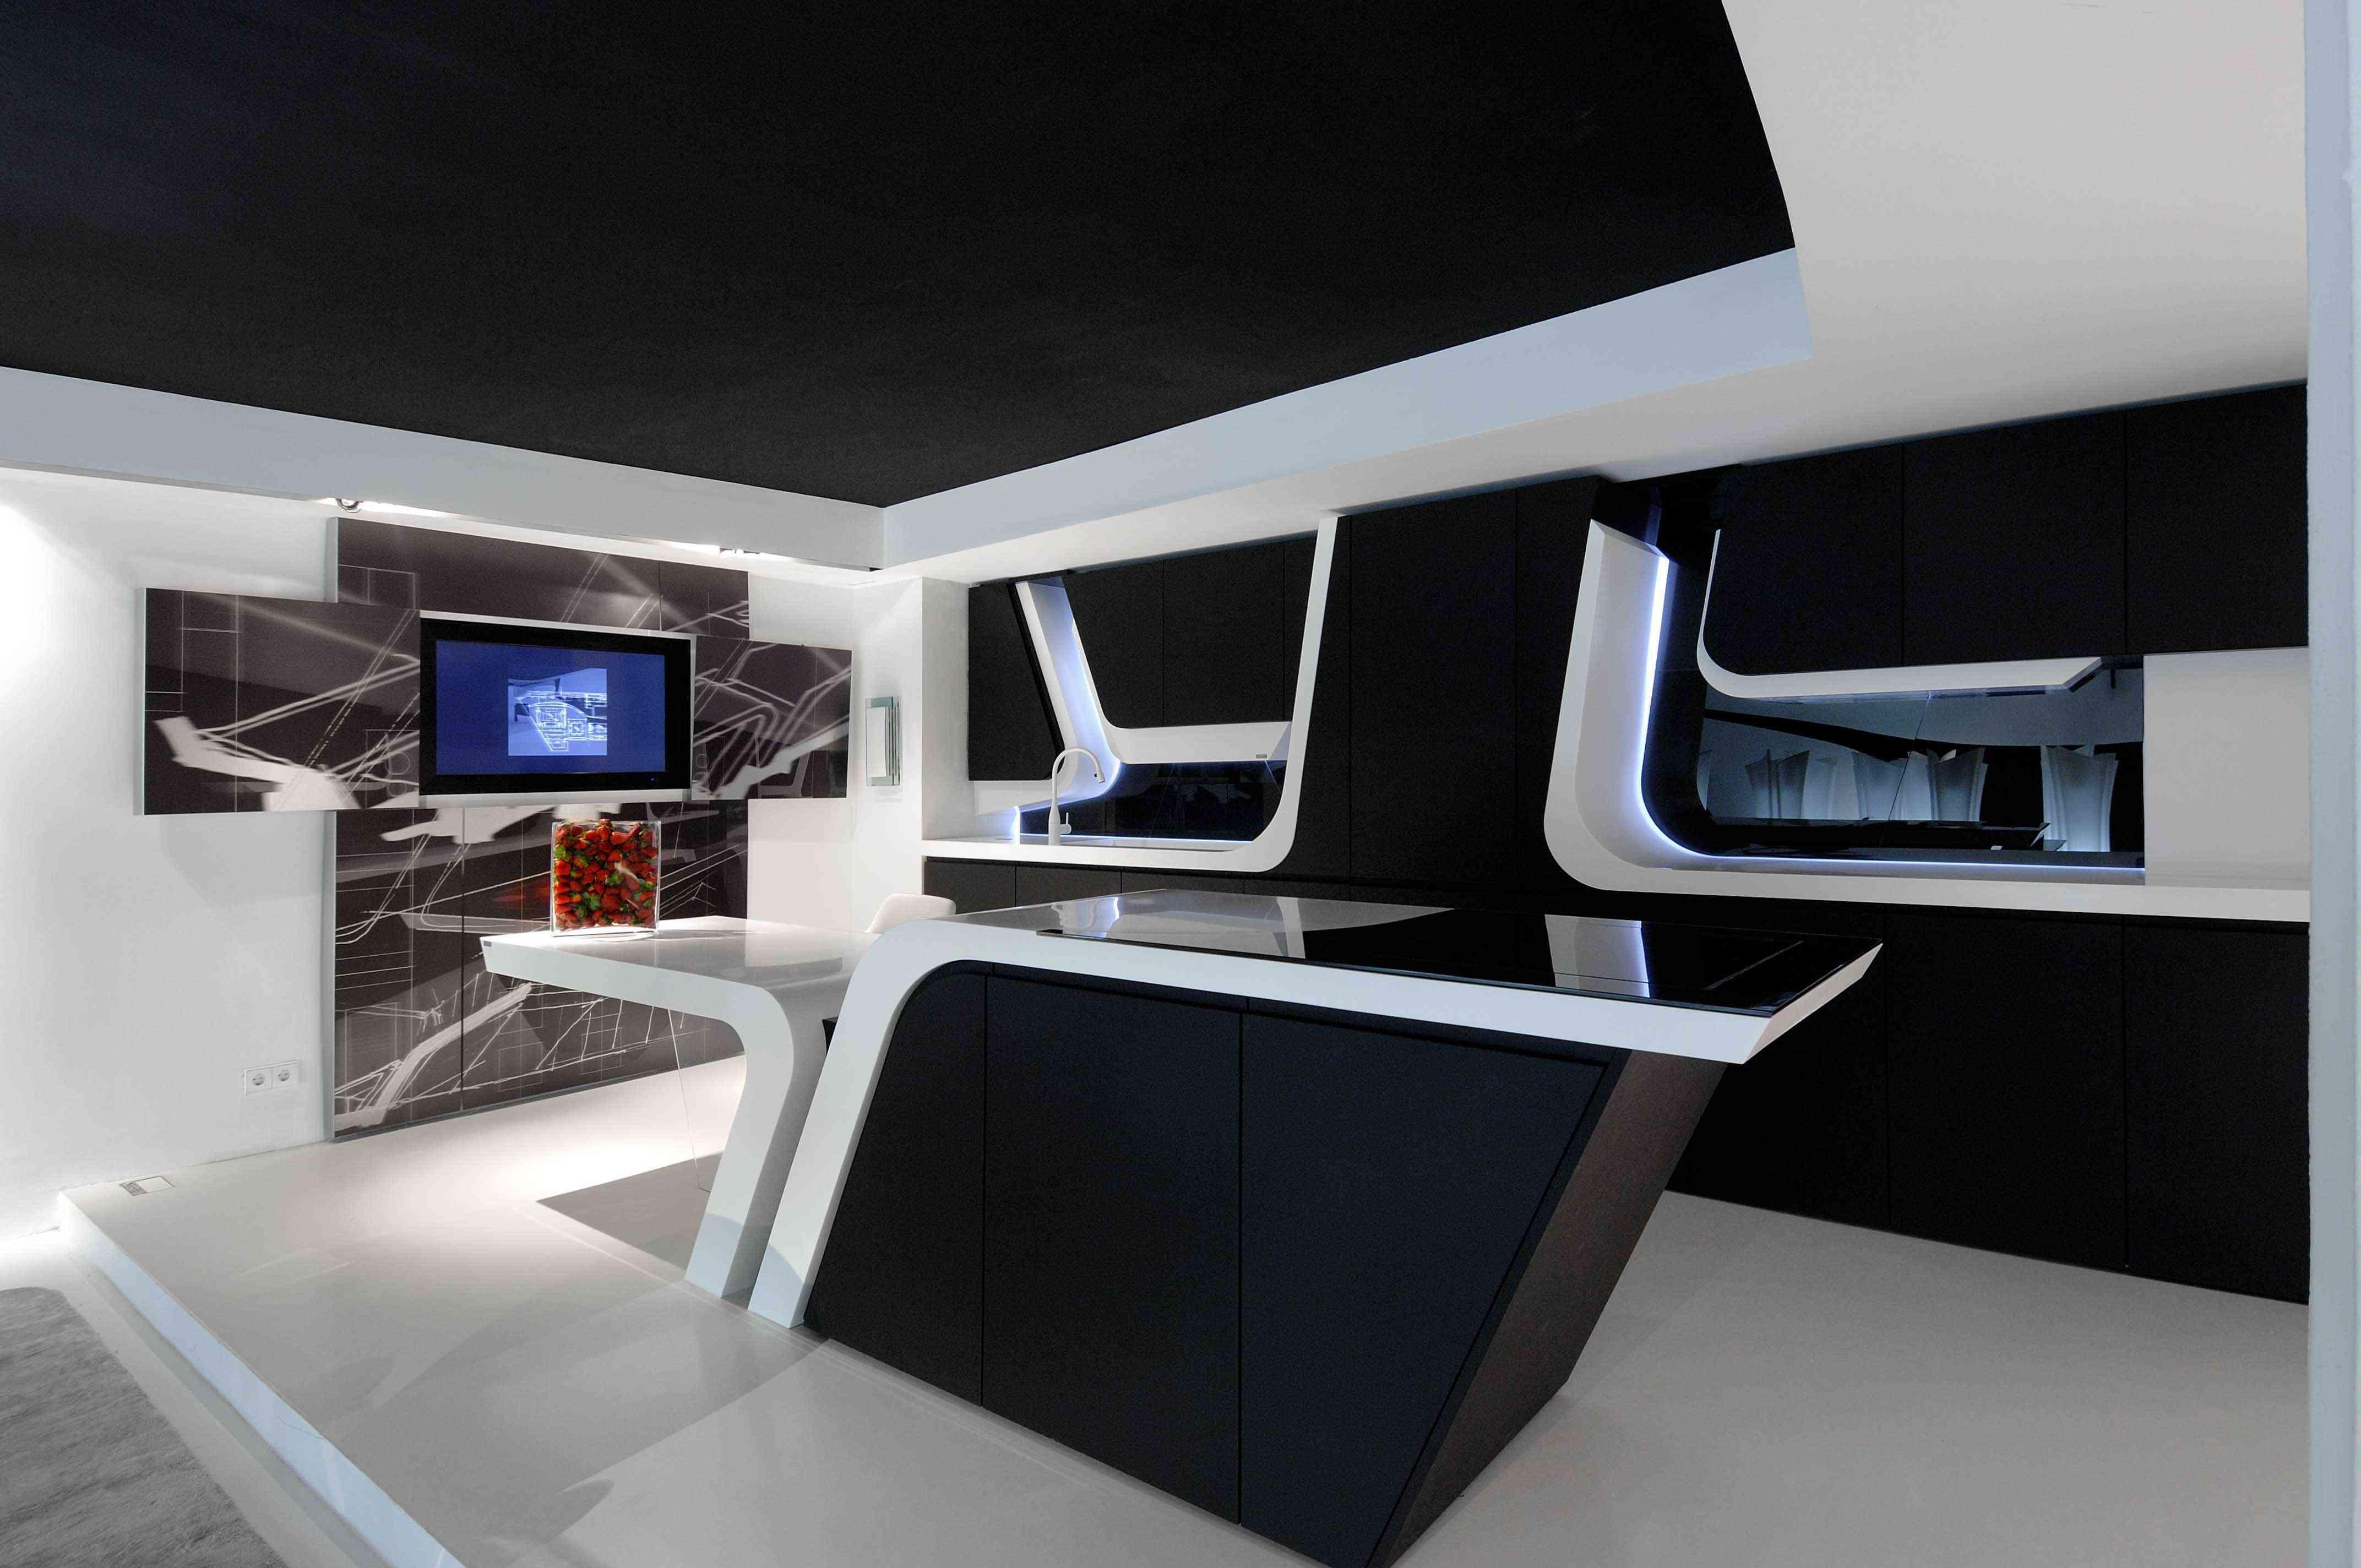 La cocina del futuro decoraci n de interiores opendeco - Frigorifico del futuro ...